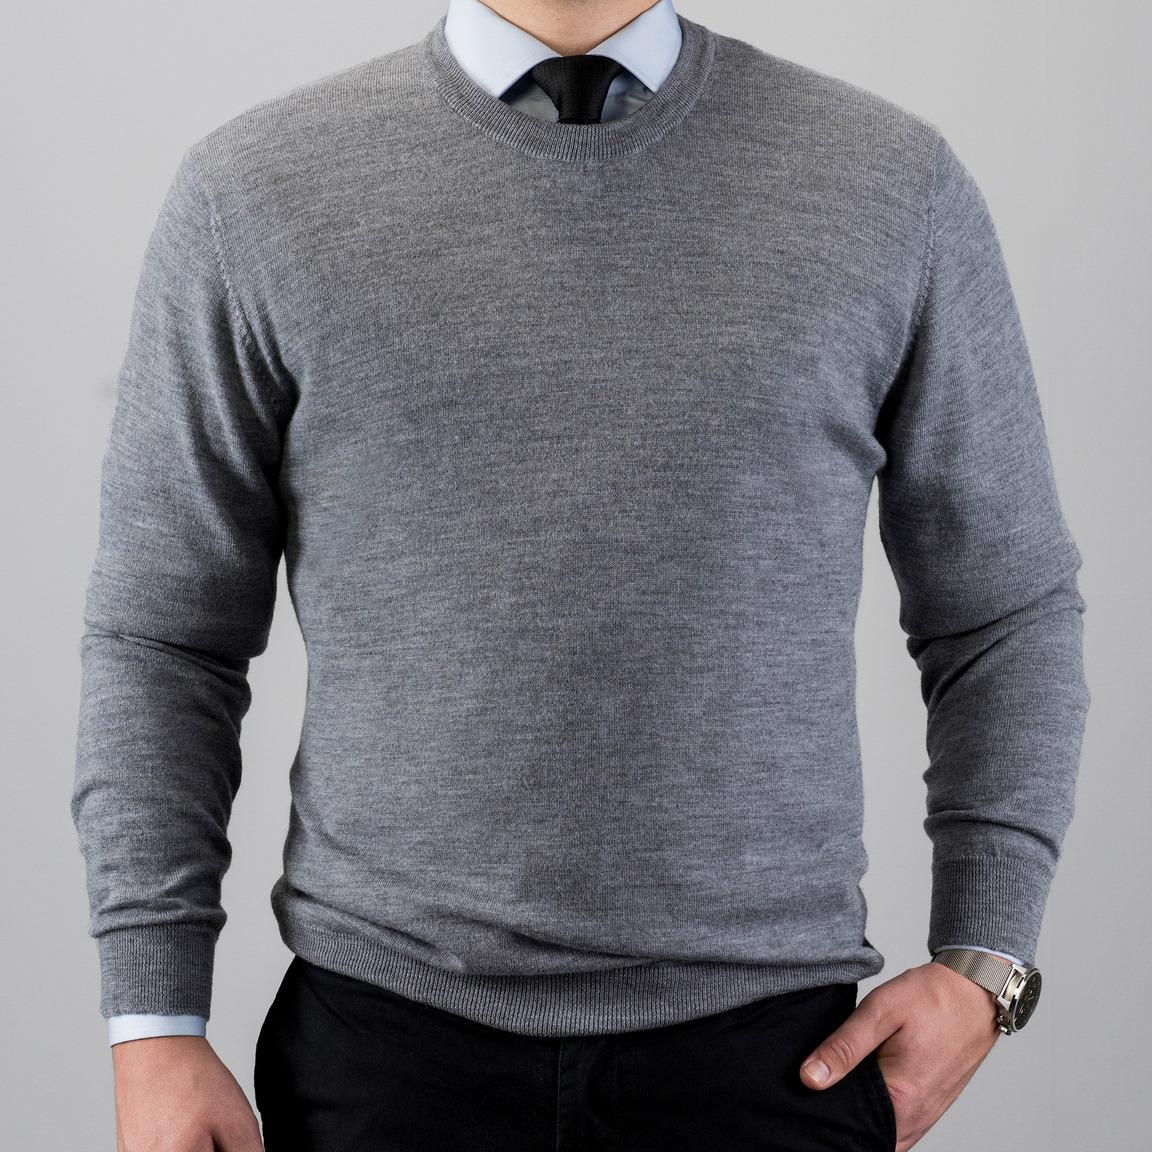 Pull gris en laine merino avec un col rond